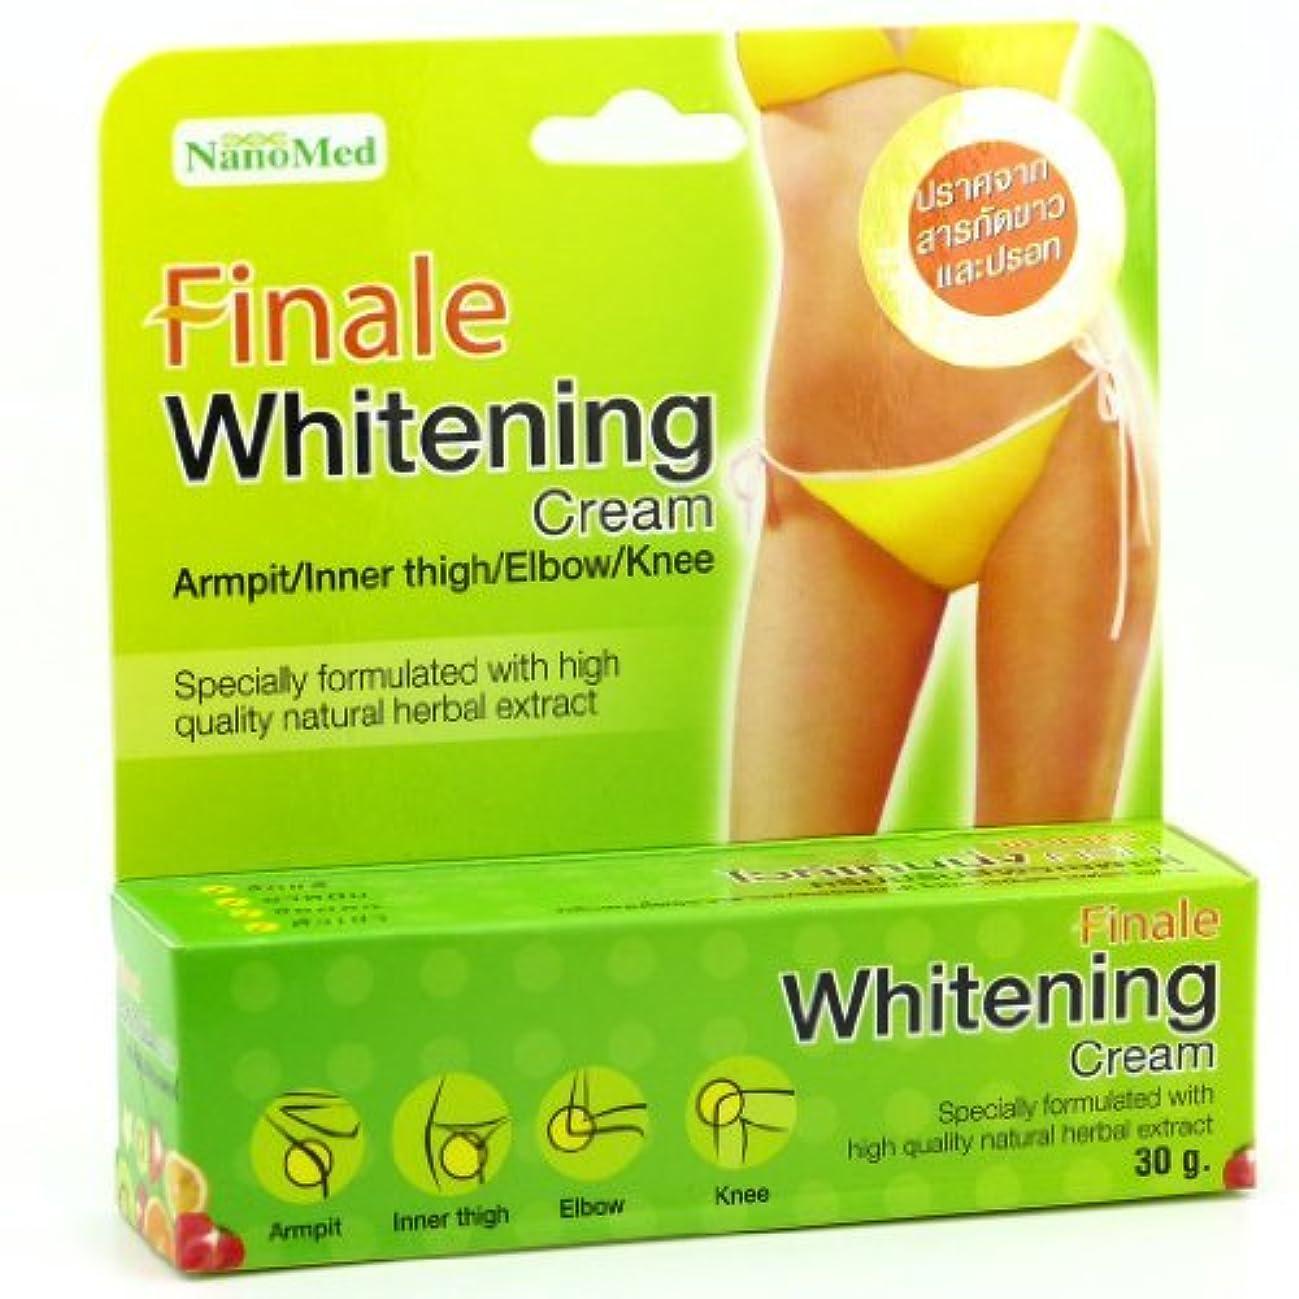 休日に万一に備えてラフト?????????????????? Finale Whitening Cream 30g